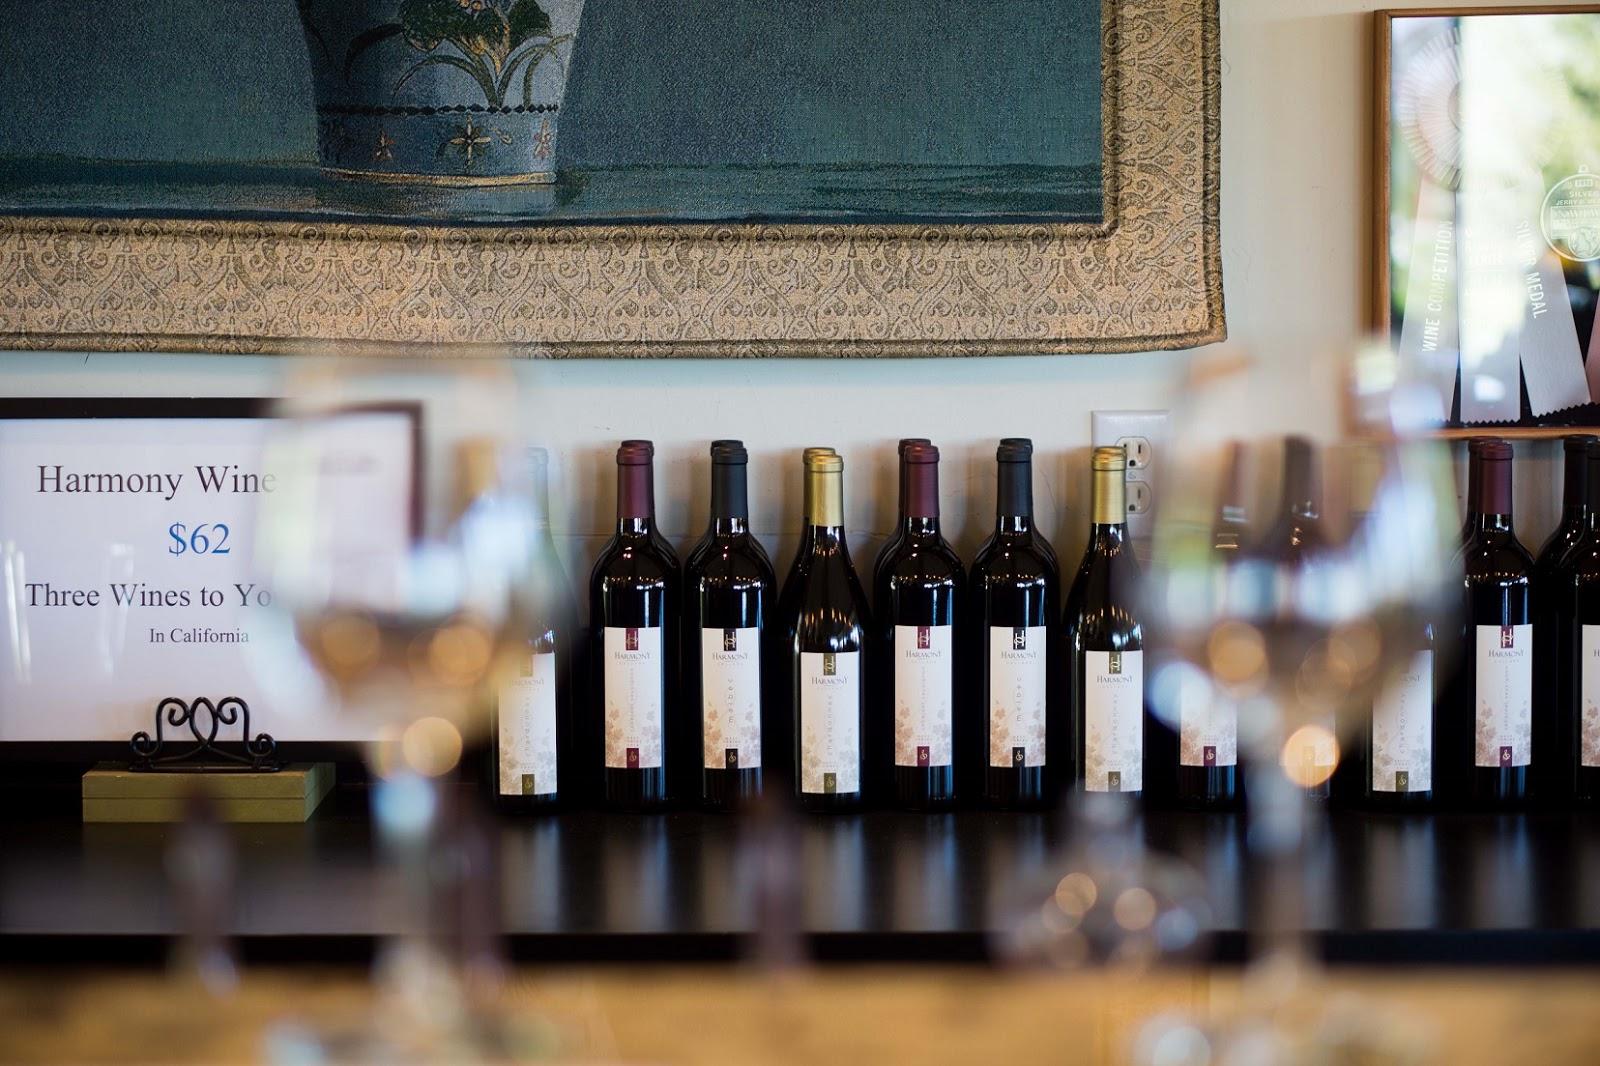 scegliere vino in base al prezzo